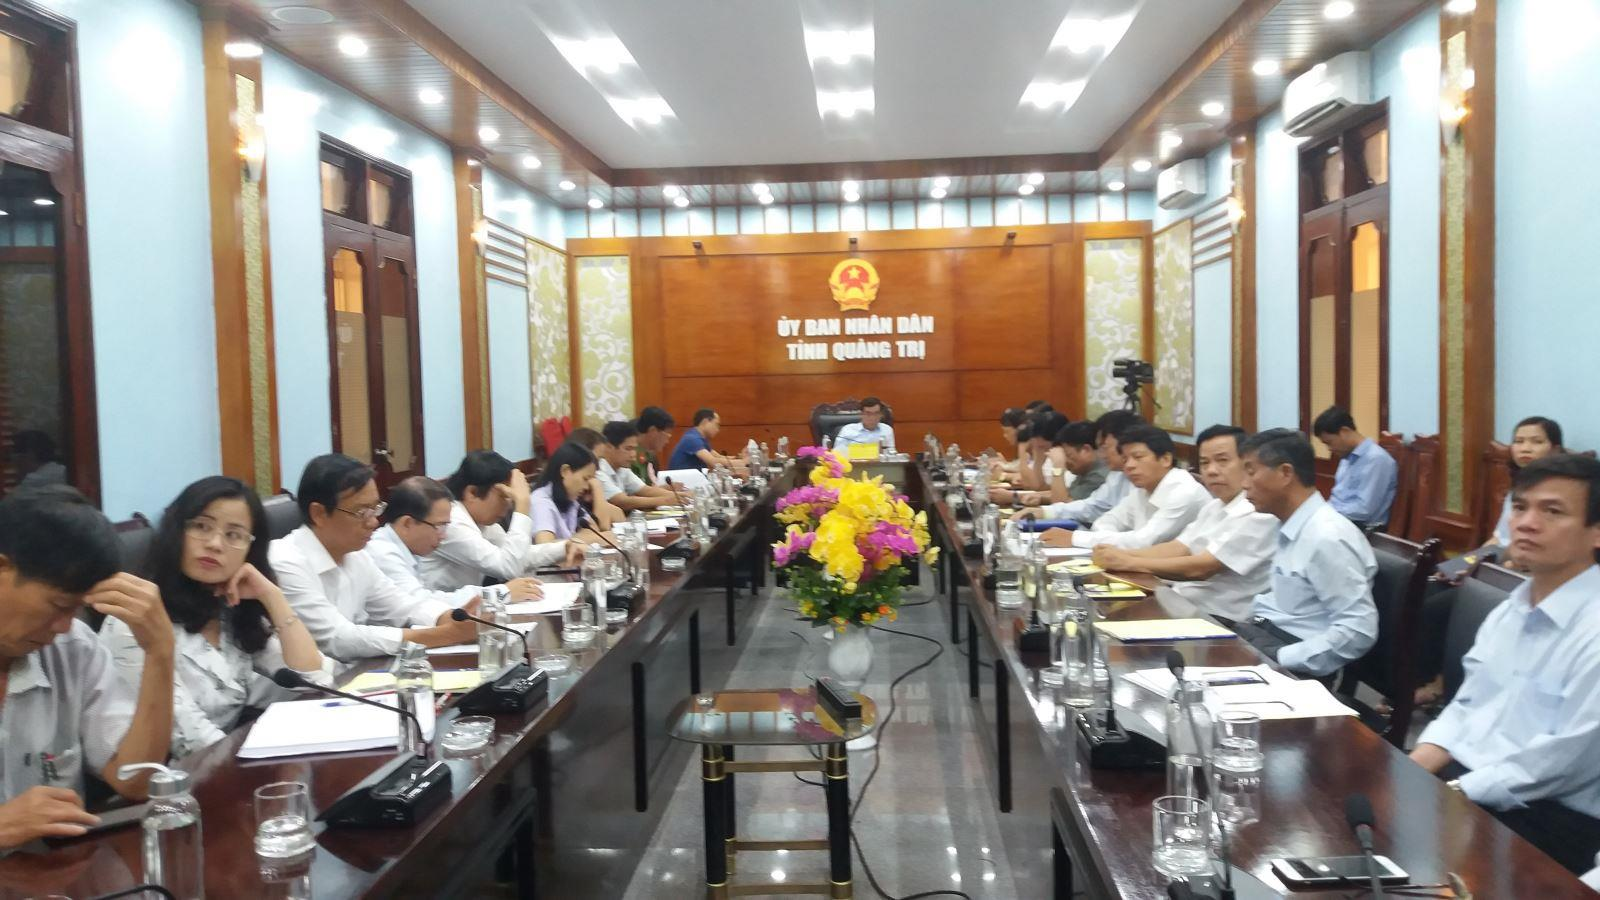 Hội nghị trực tuyến toàn quốc tổng kết 15 năm thực hiện Nghị quyết Trung ương 5, Khóa IX về kinh tế tập thể